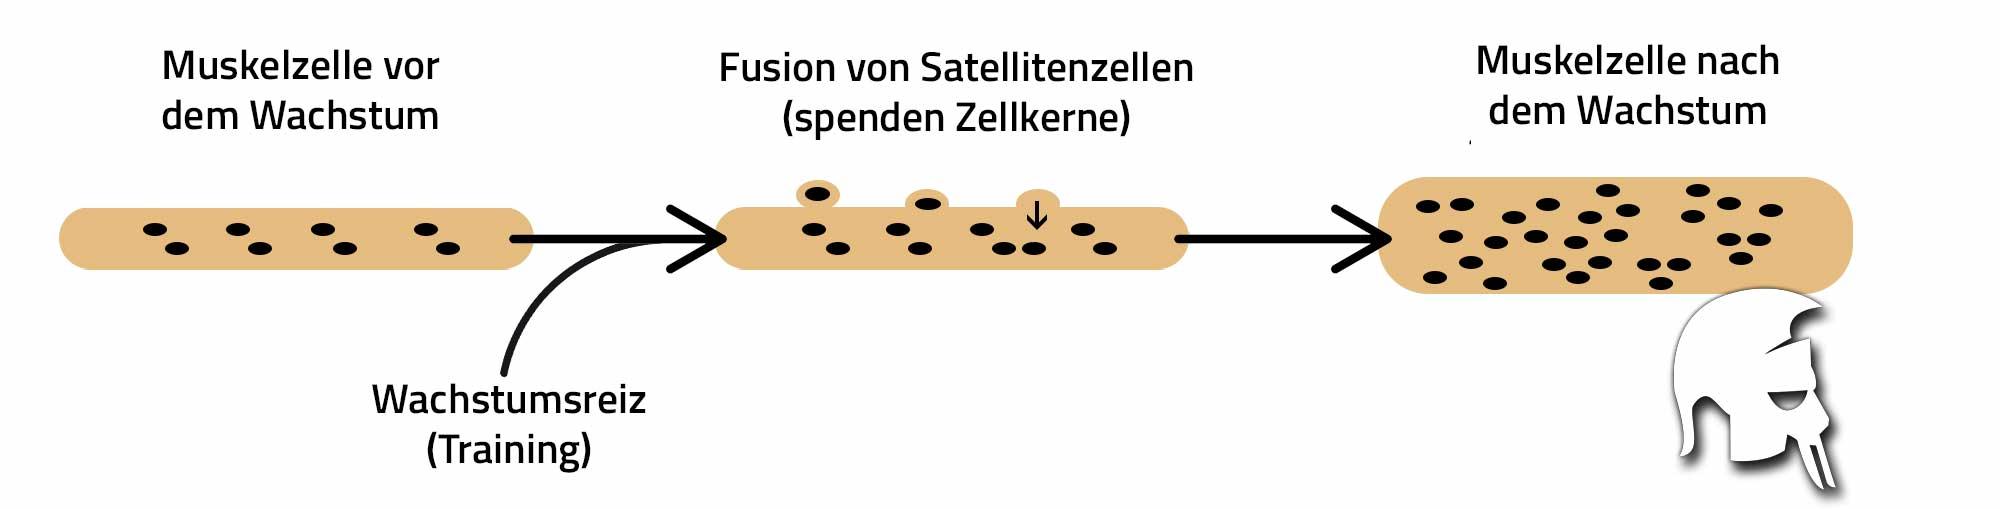 Faktoren Muskelwachstum Satellitenzellen